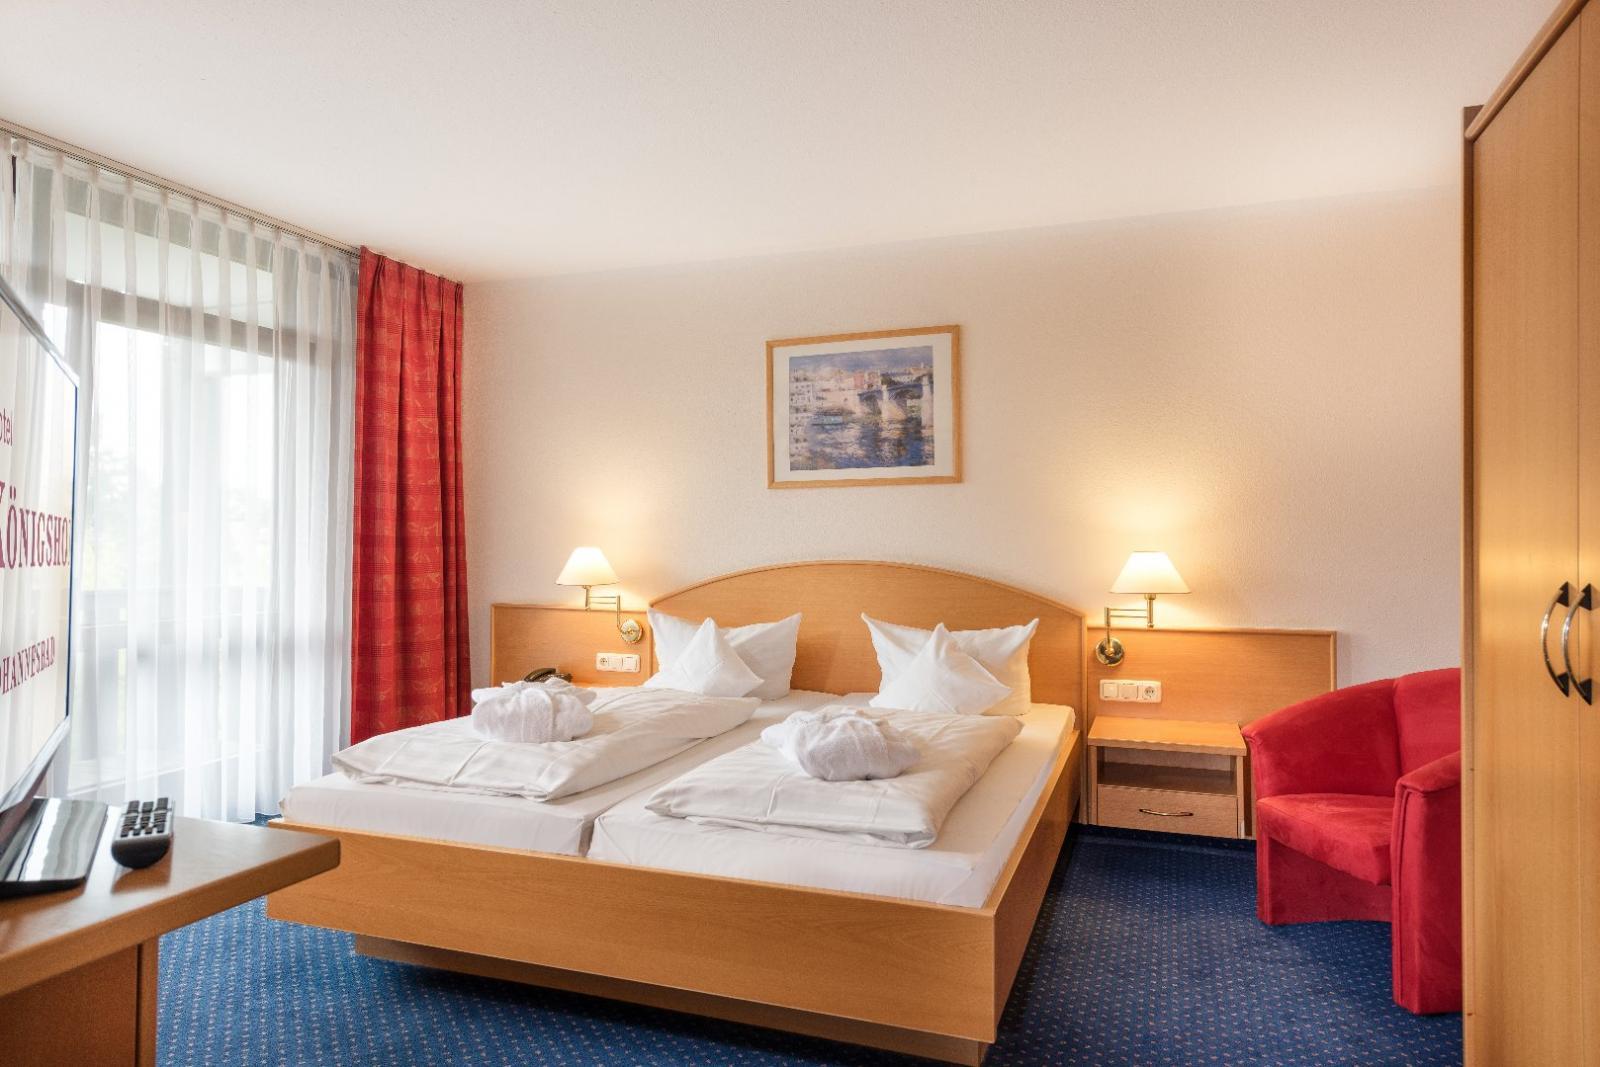 Glaubersalz: Foto vom Wellnesshotel Johannesbad Hotel Königshof 4*   Wellness Bayern